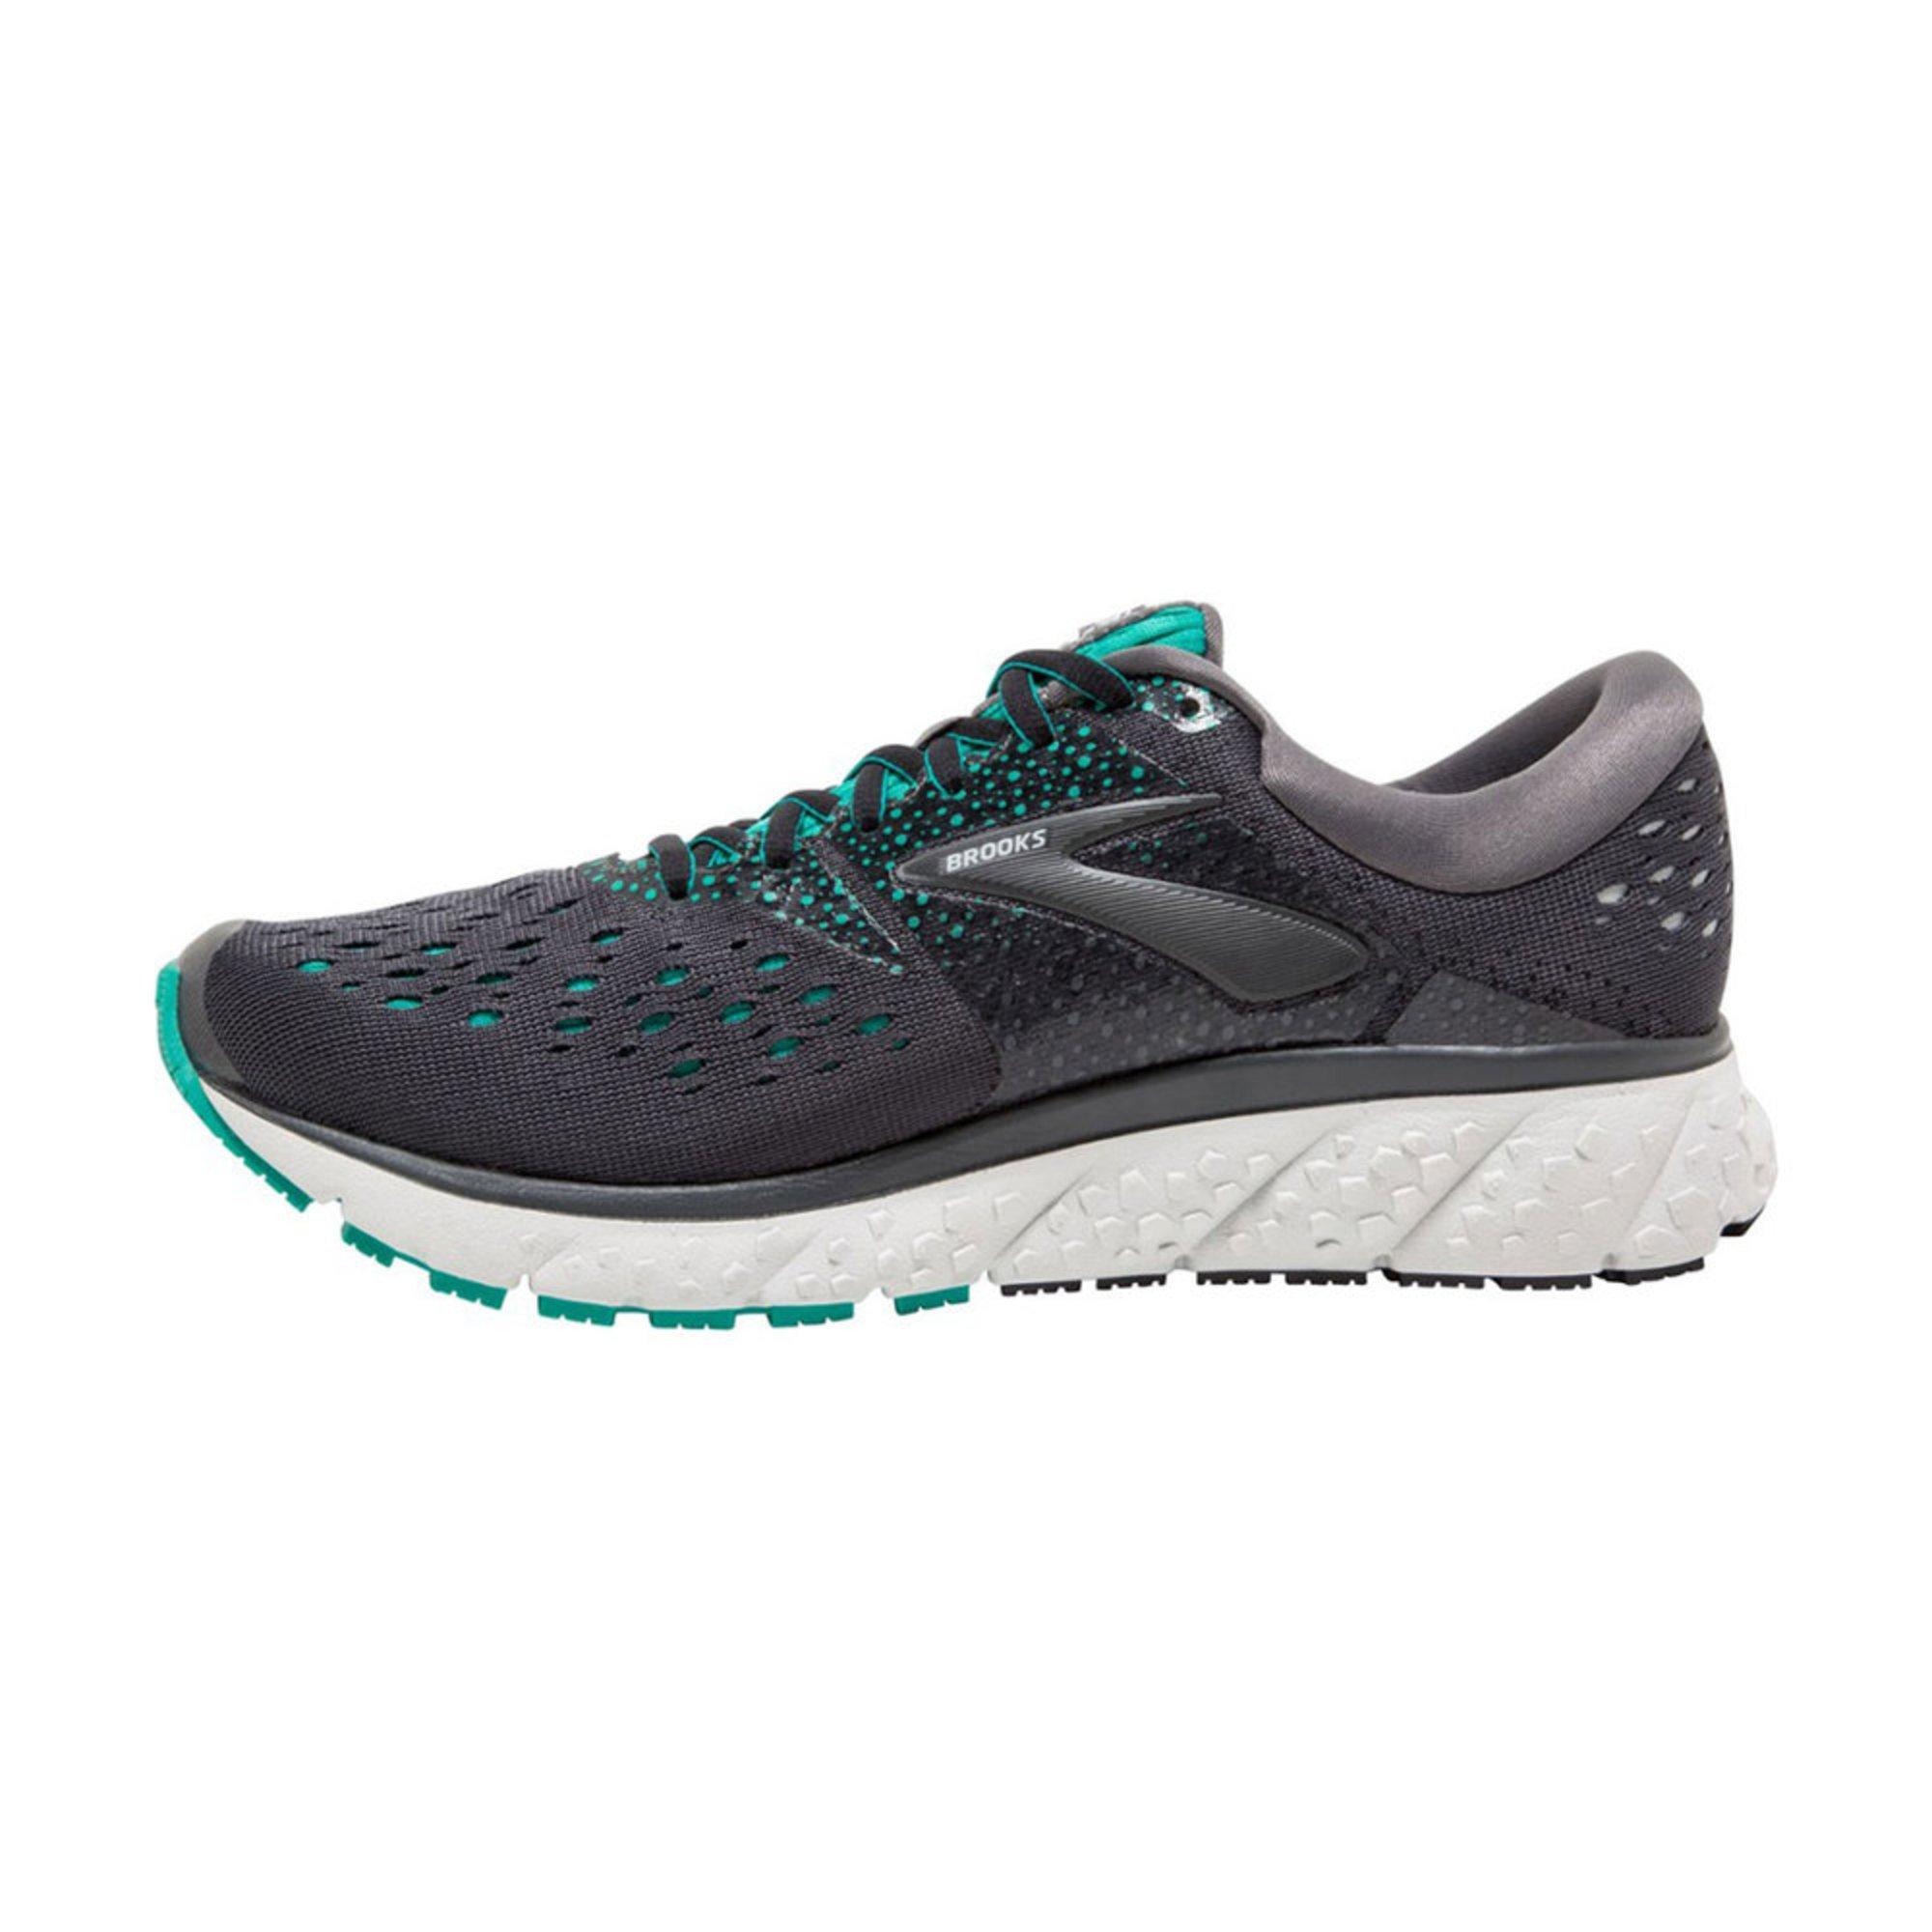 0587f7436d8e7 Brooks Women s Glycerin 16 Running Shoe